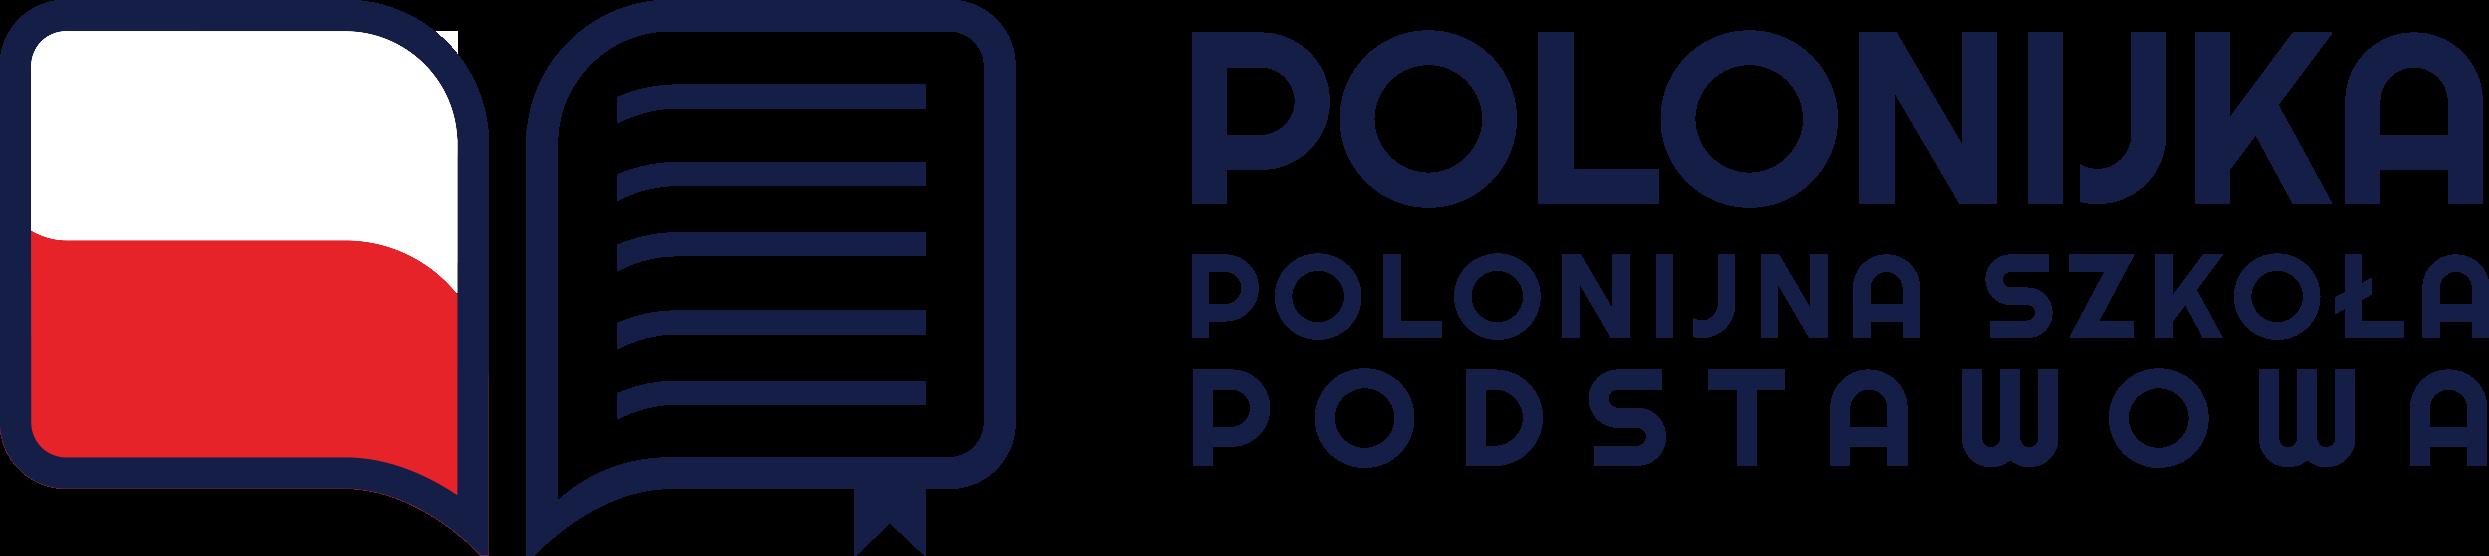 Nauka dla dzieci na emigracji przez internet Polonijka